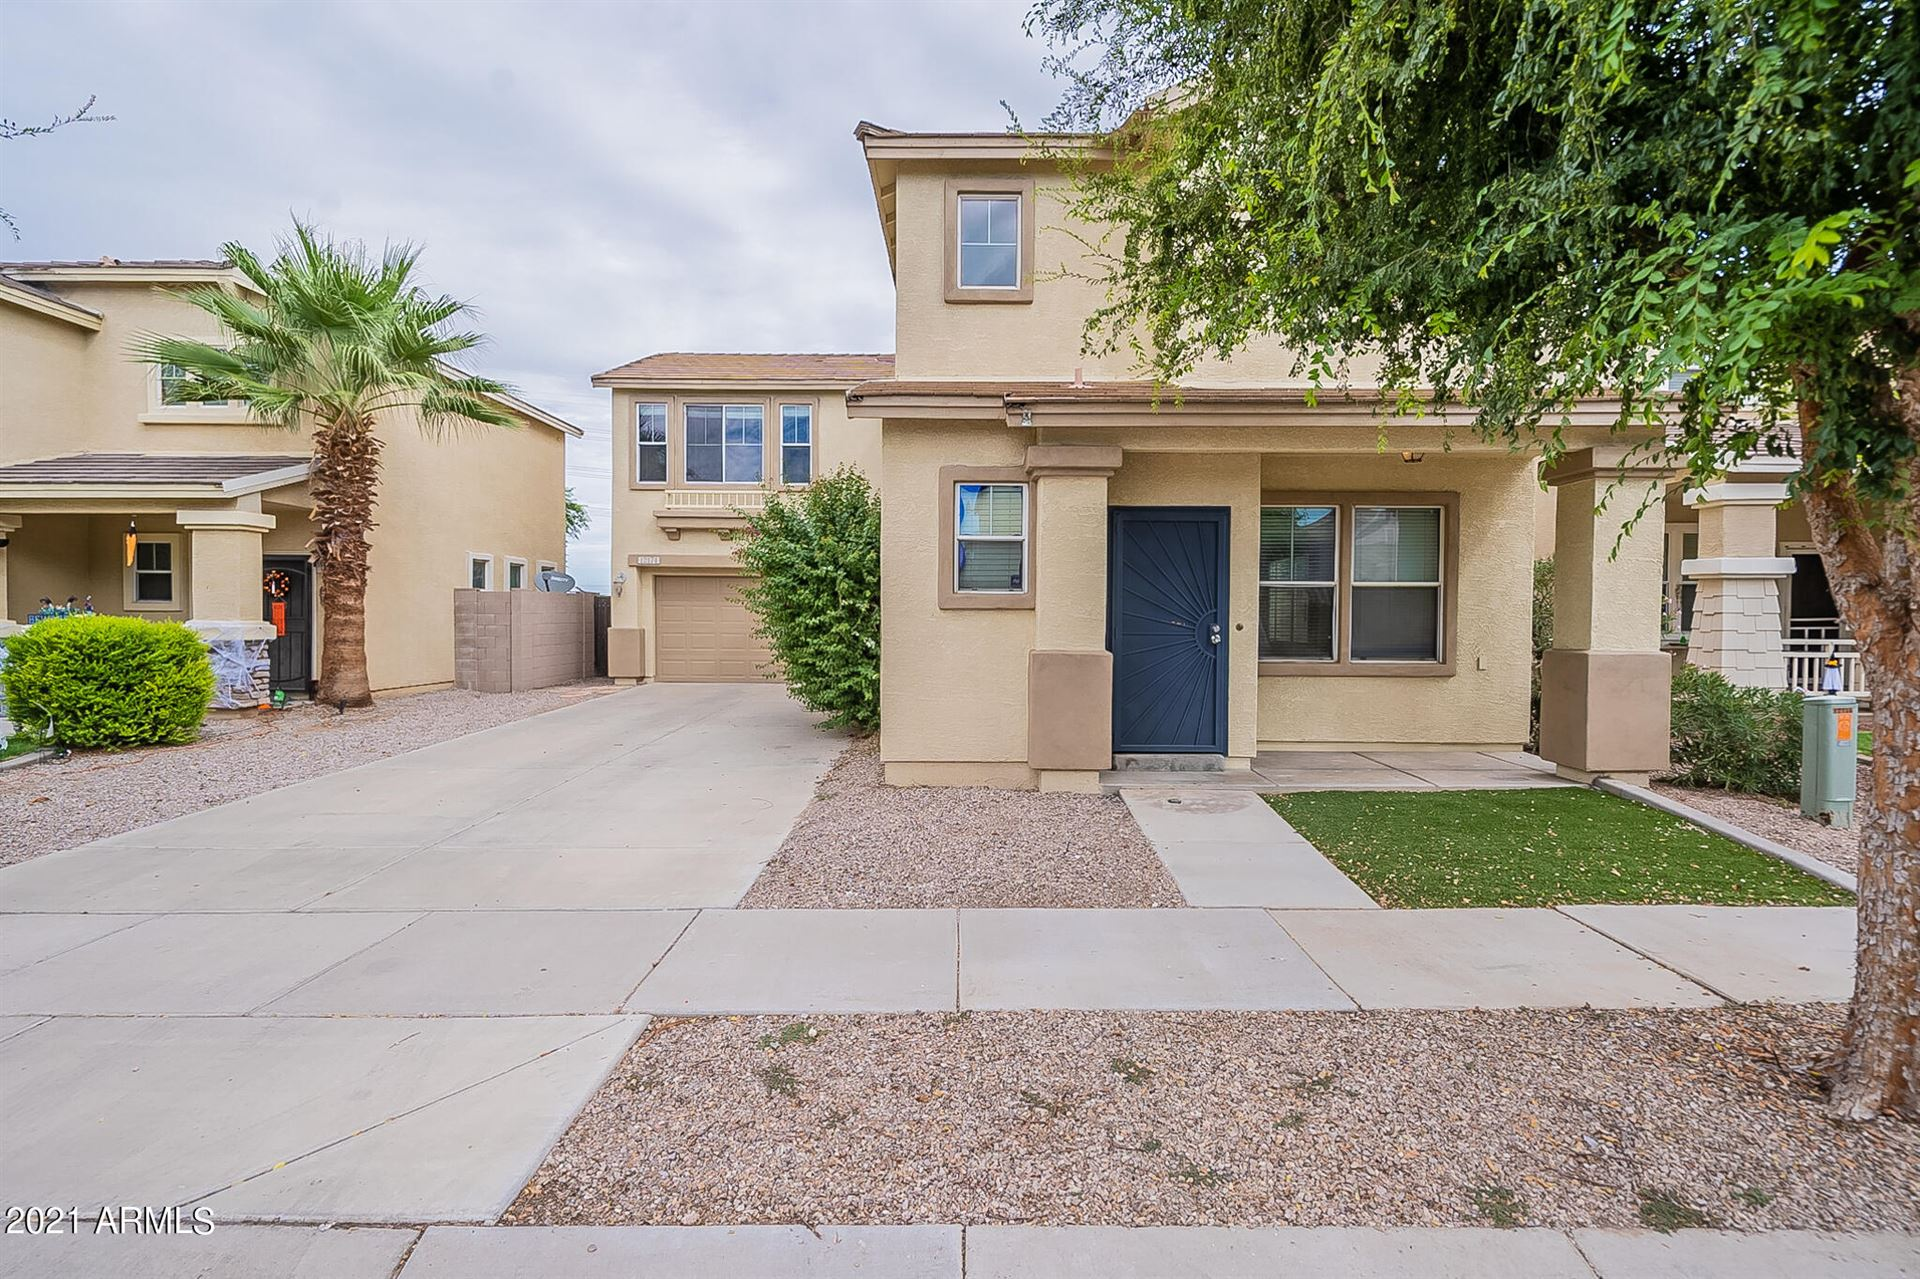 Photo of 12174 W Belmont Drive, Avondale, AZ 85323 (MLS # 6305546)